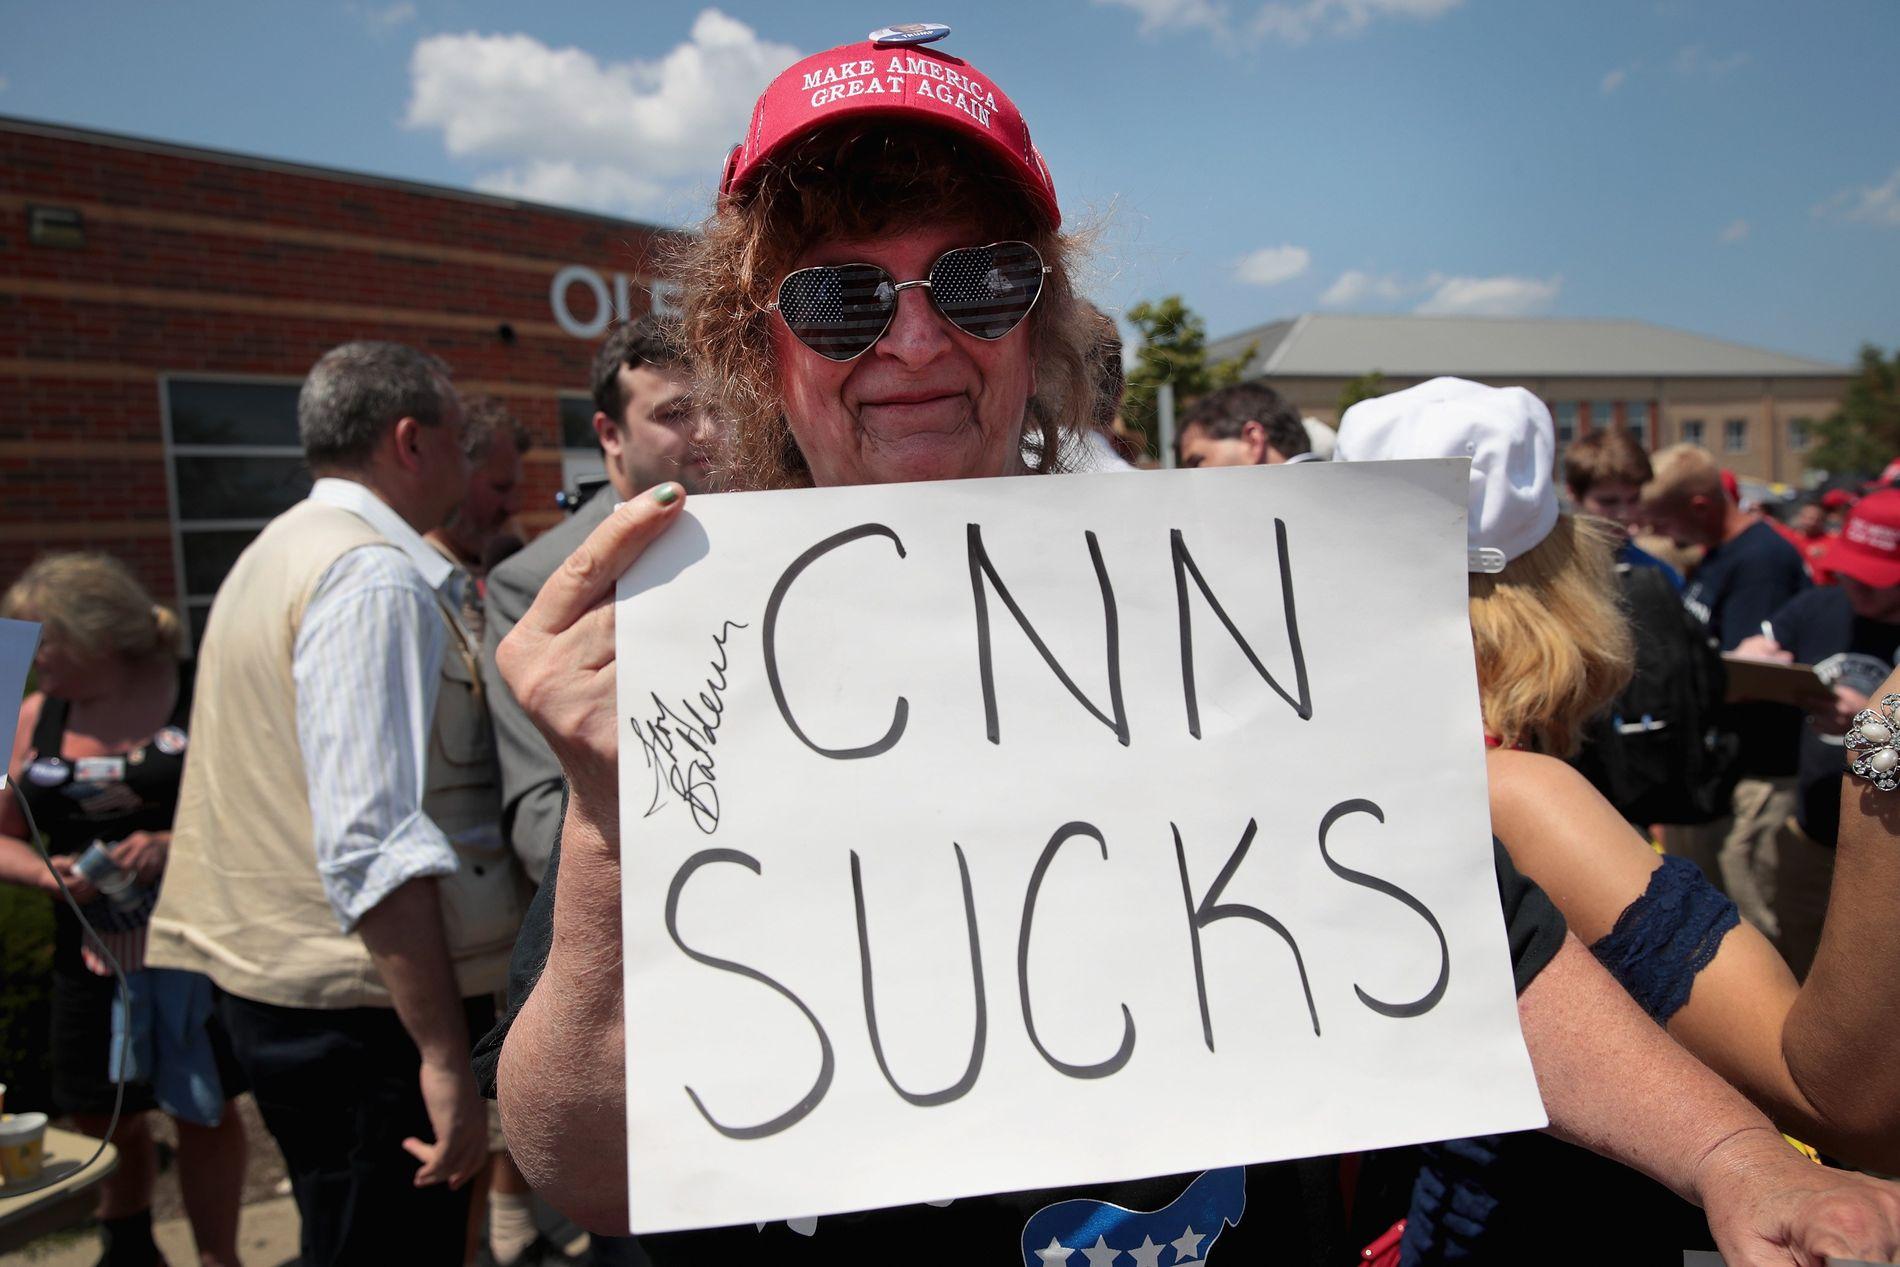 KLAR TALE: Trump har kritisert og hetset CNN kraftig de siste månedene. Og på valgkamprallyene nå er det stadig oftere supportere som viser sin misnøye med TV-kanalen.